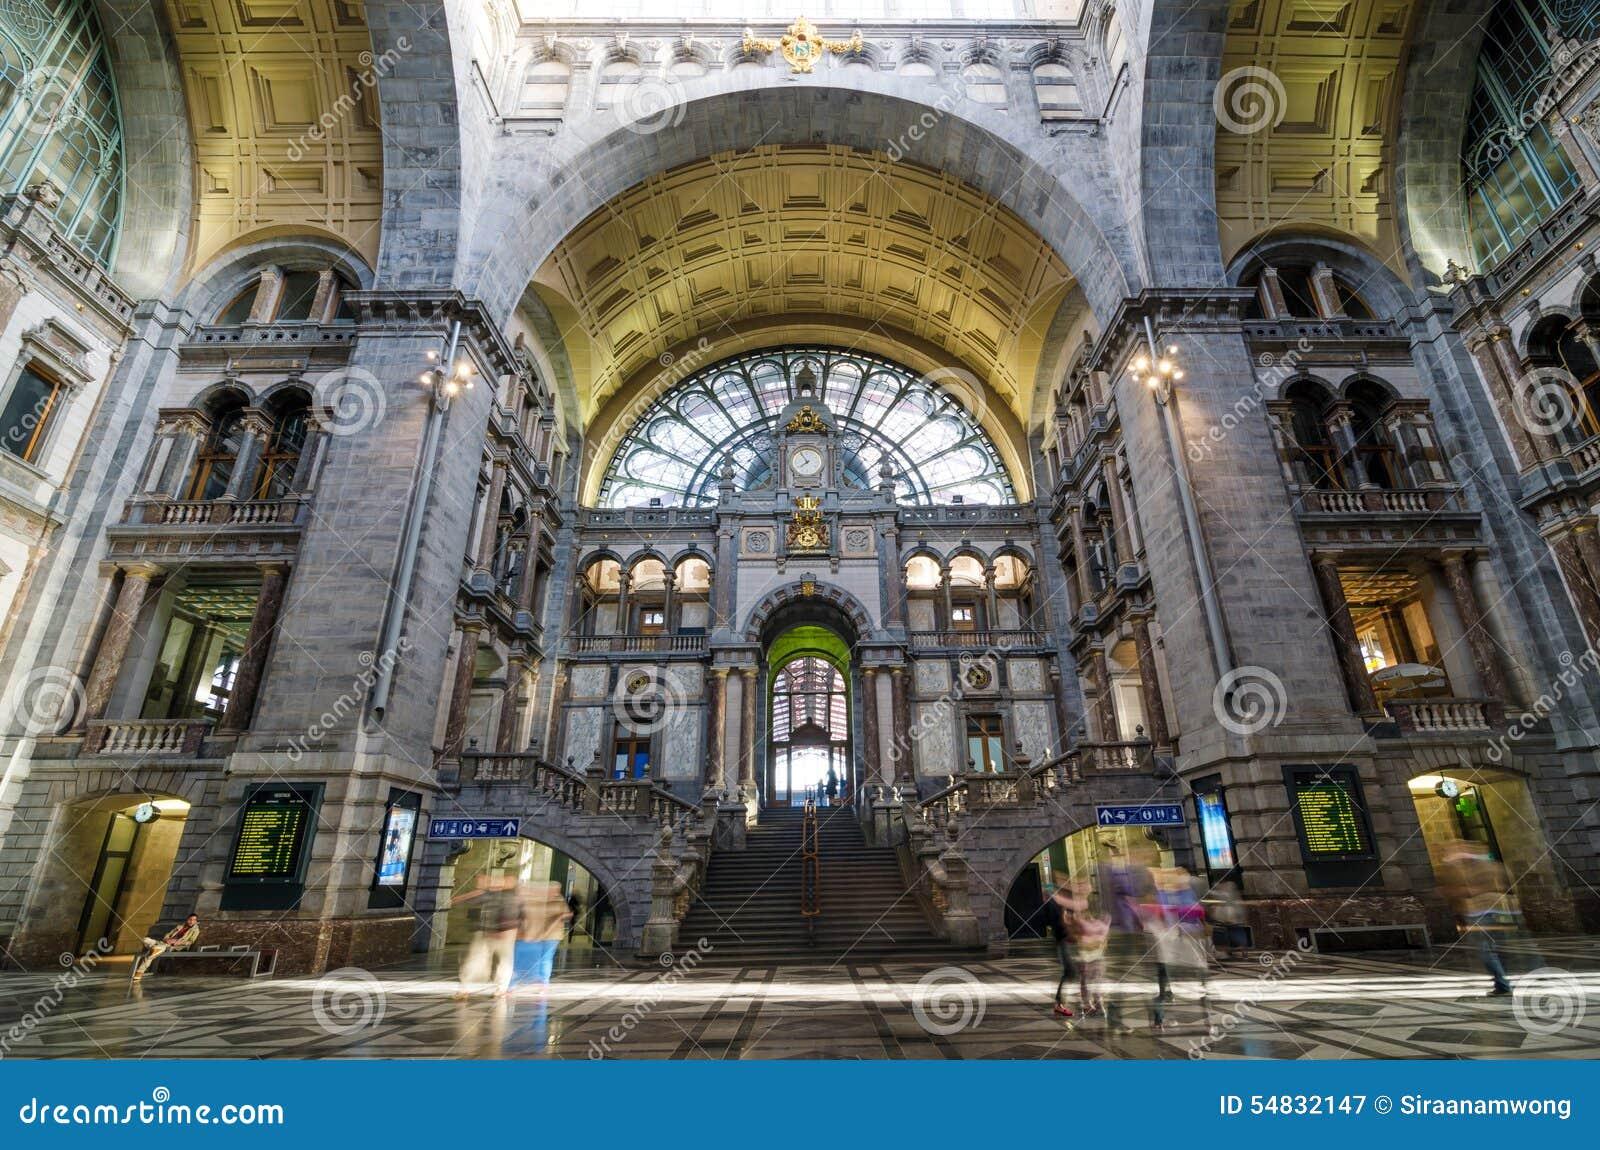 Αμβέρσα, Βέλγιο - 11 Μαΐου 2015: Άνθρωποι στην αίθουσα εισόδων του κεντρικού σταθμού της Αμβέρσας